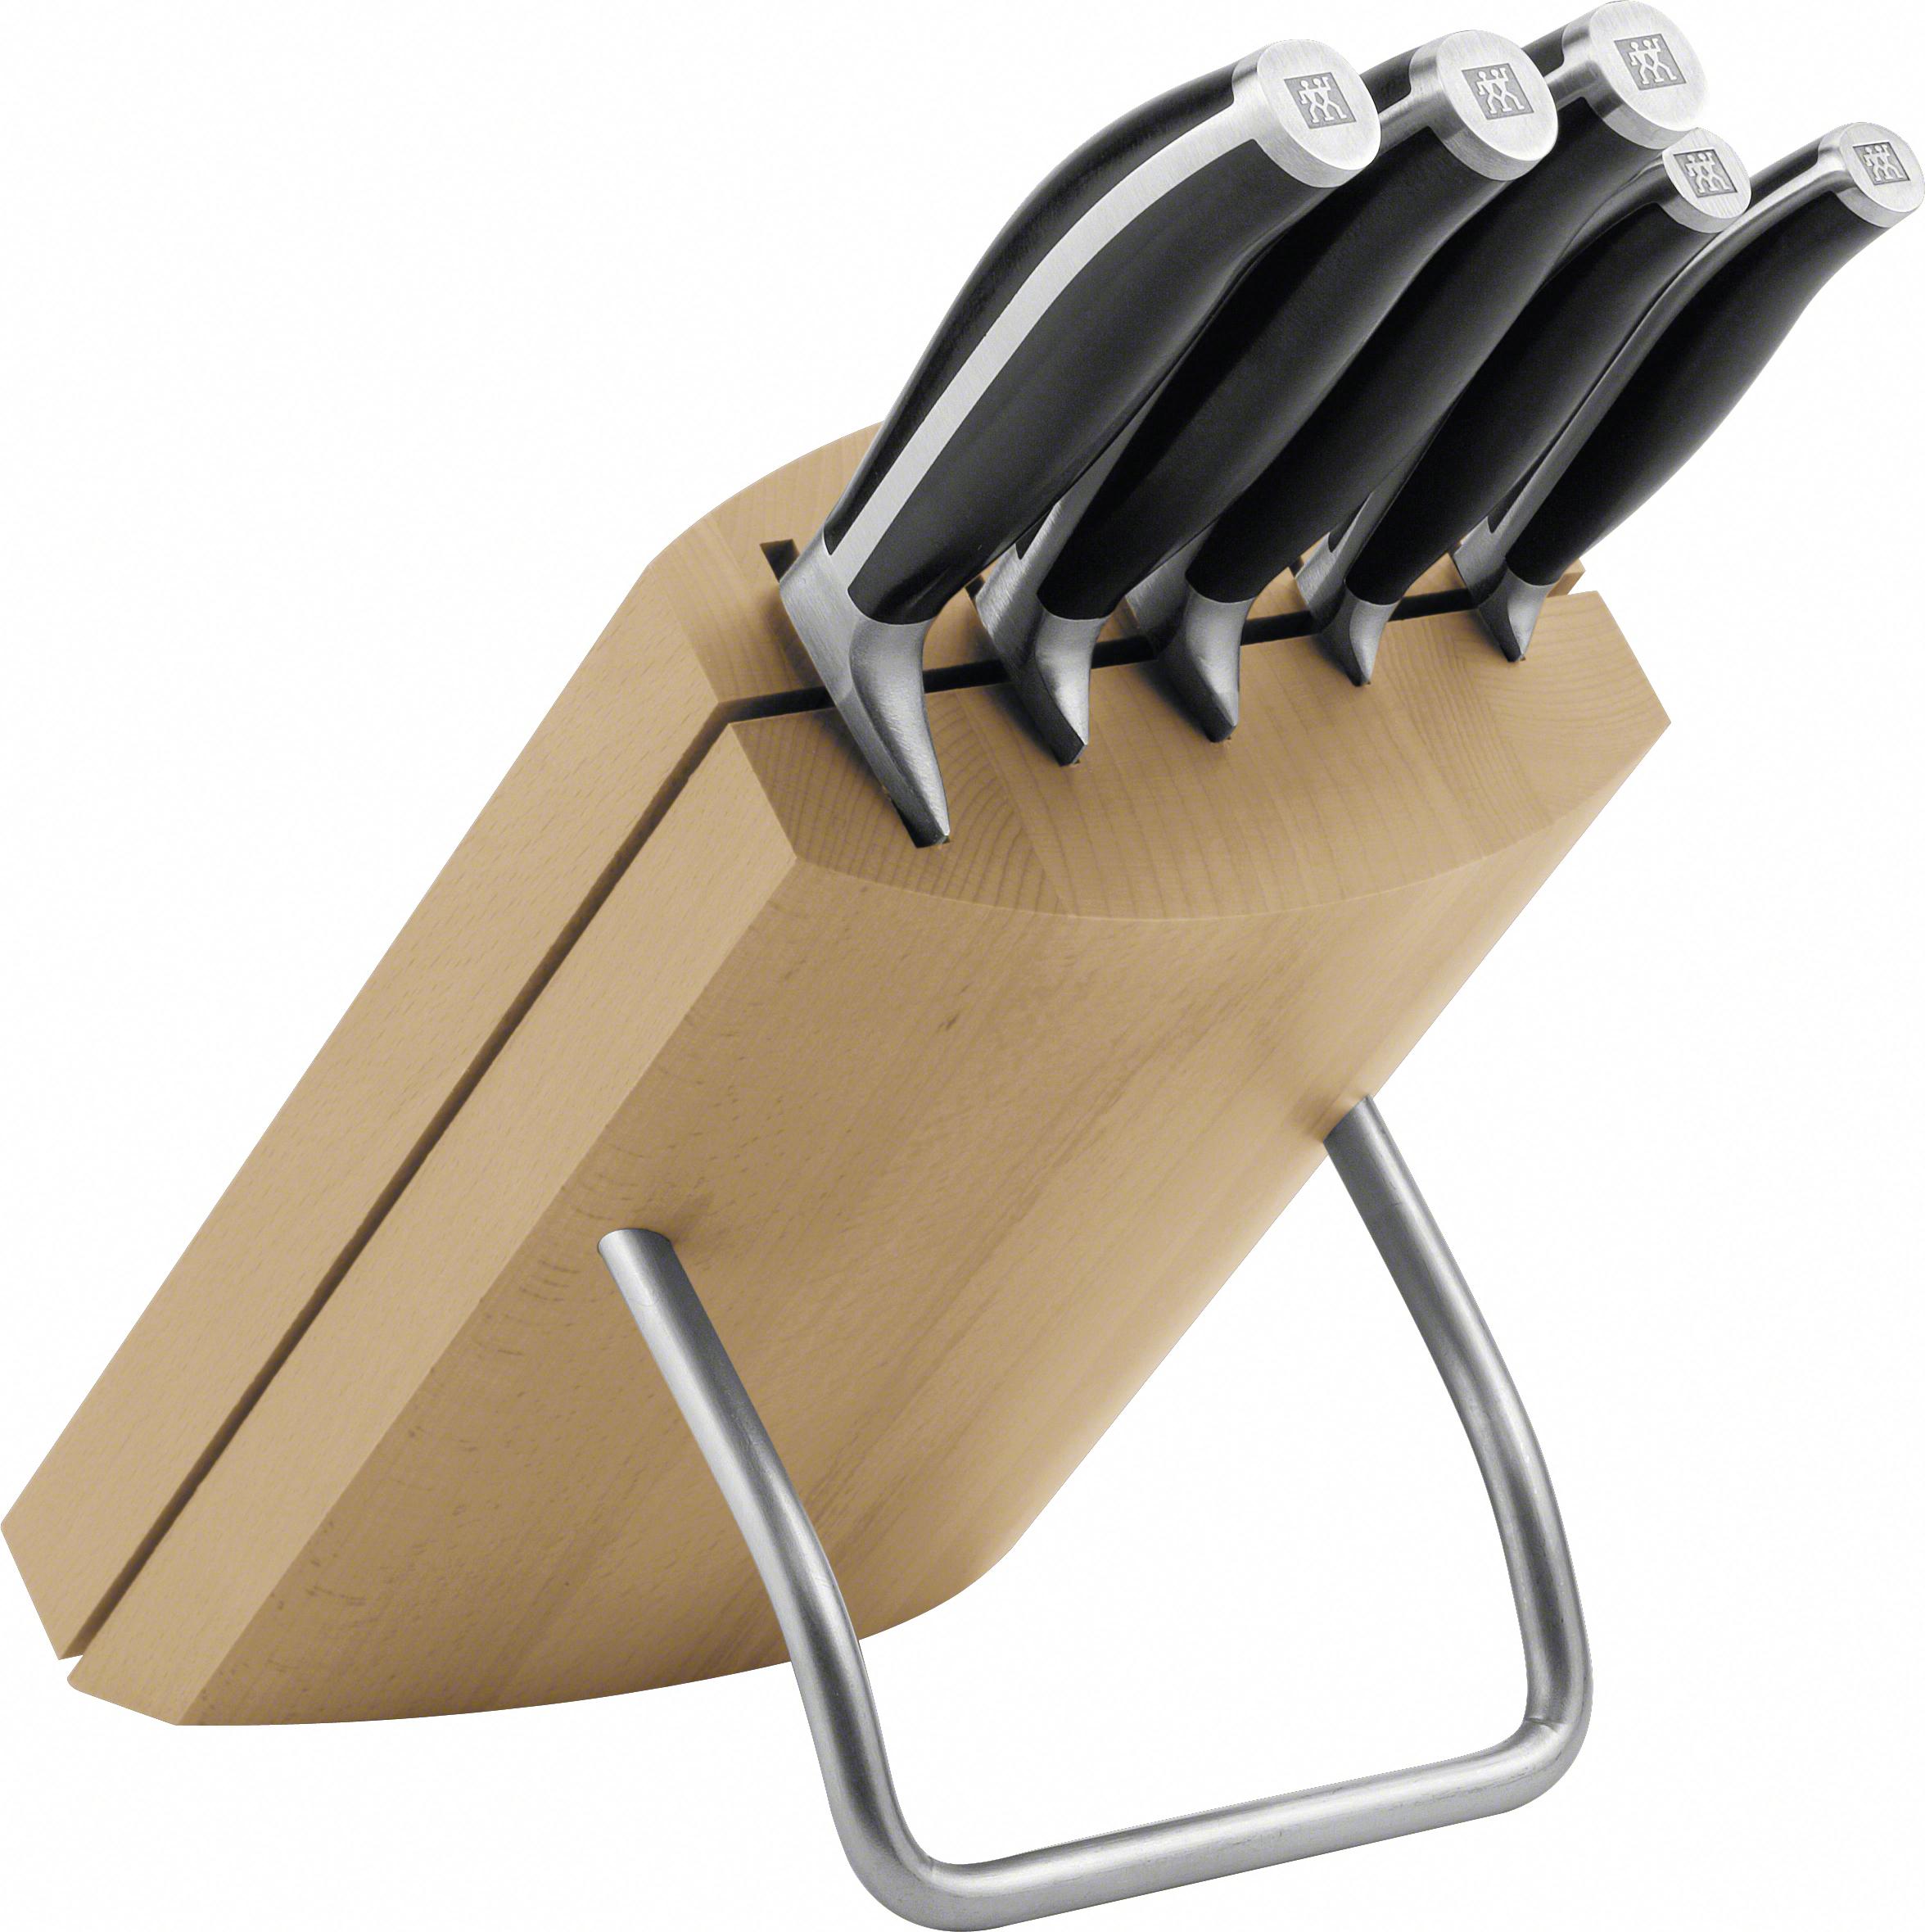 zwilling twin cuisine messerblock 6 tlg preisvergleich messerblock g nstig kaufen bei. Black Bedroom Furniture Sets. Home Design Ideas